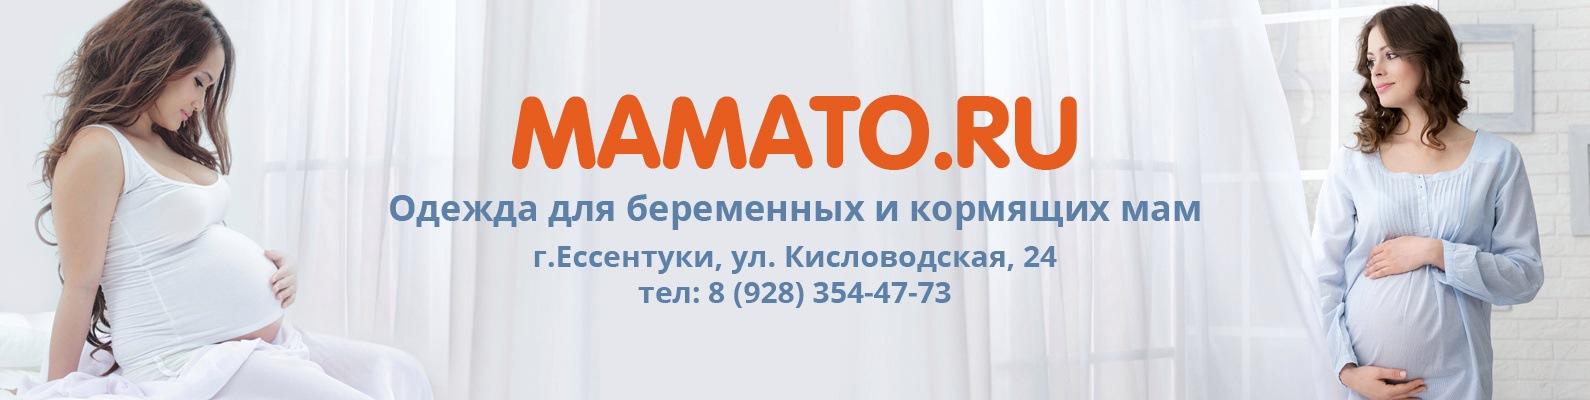 МАГАЗИН ДЛЯ БЕРЕМЕННЫХ И КОРМЯЩИХ! Ессентуки   ВКонтакте a011851f342